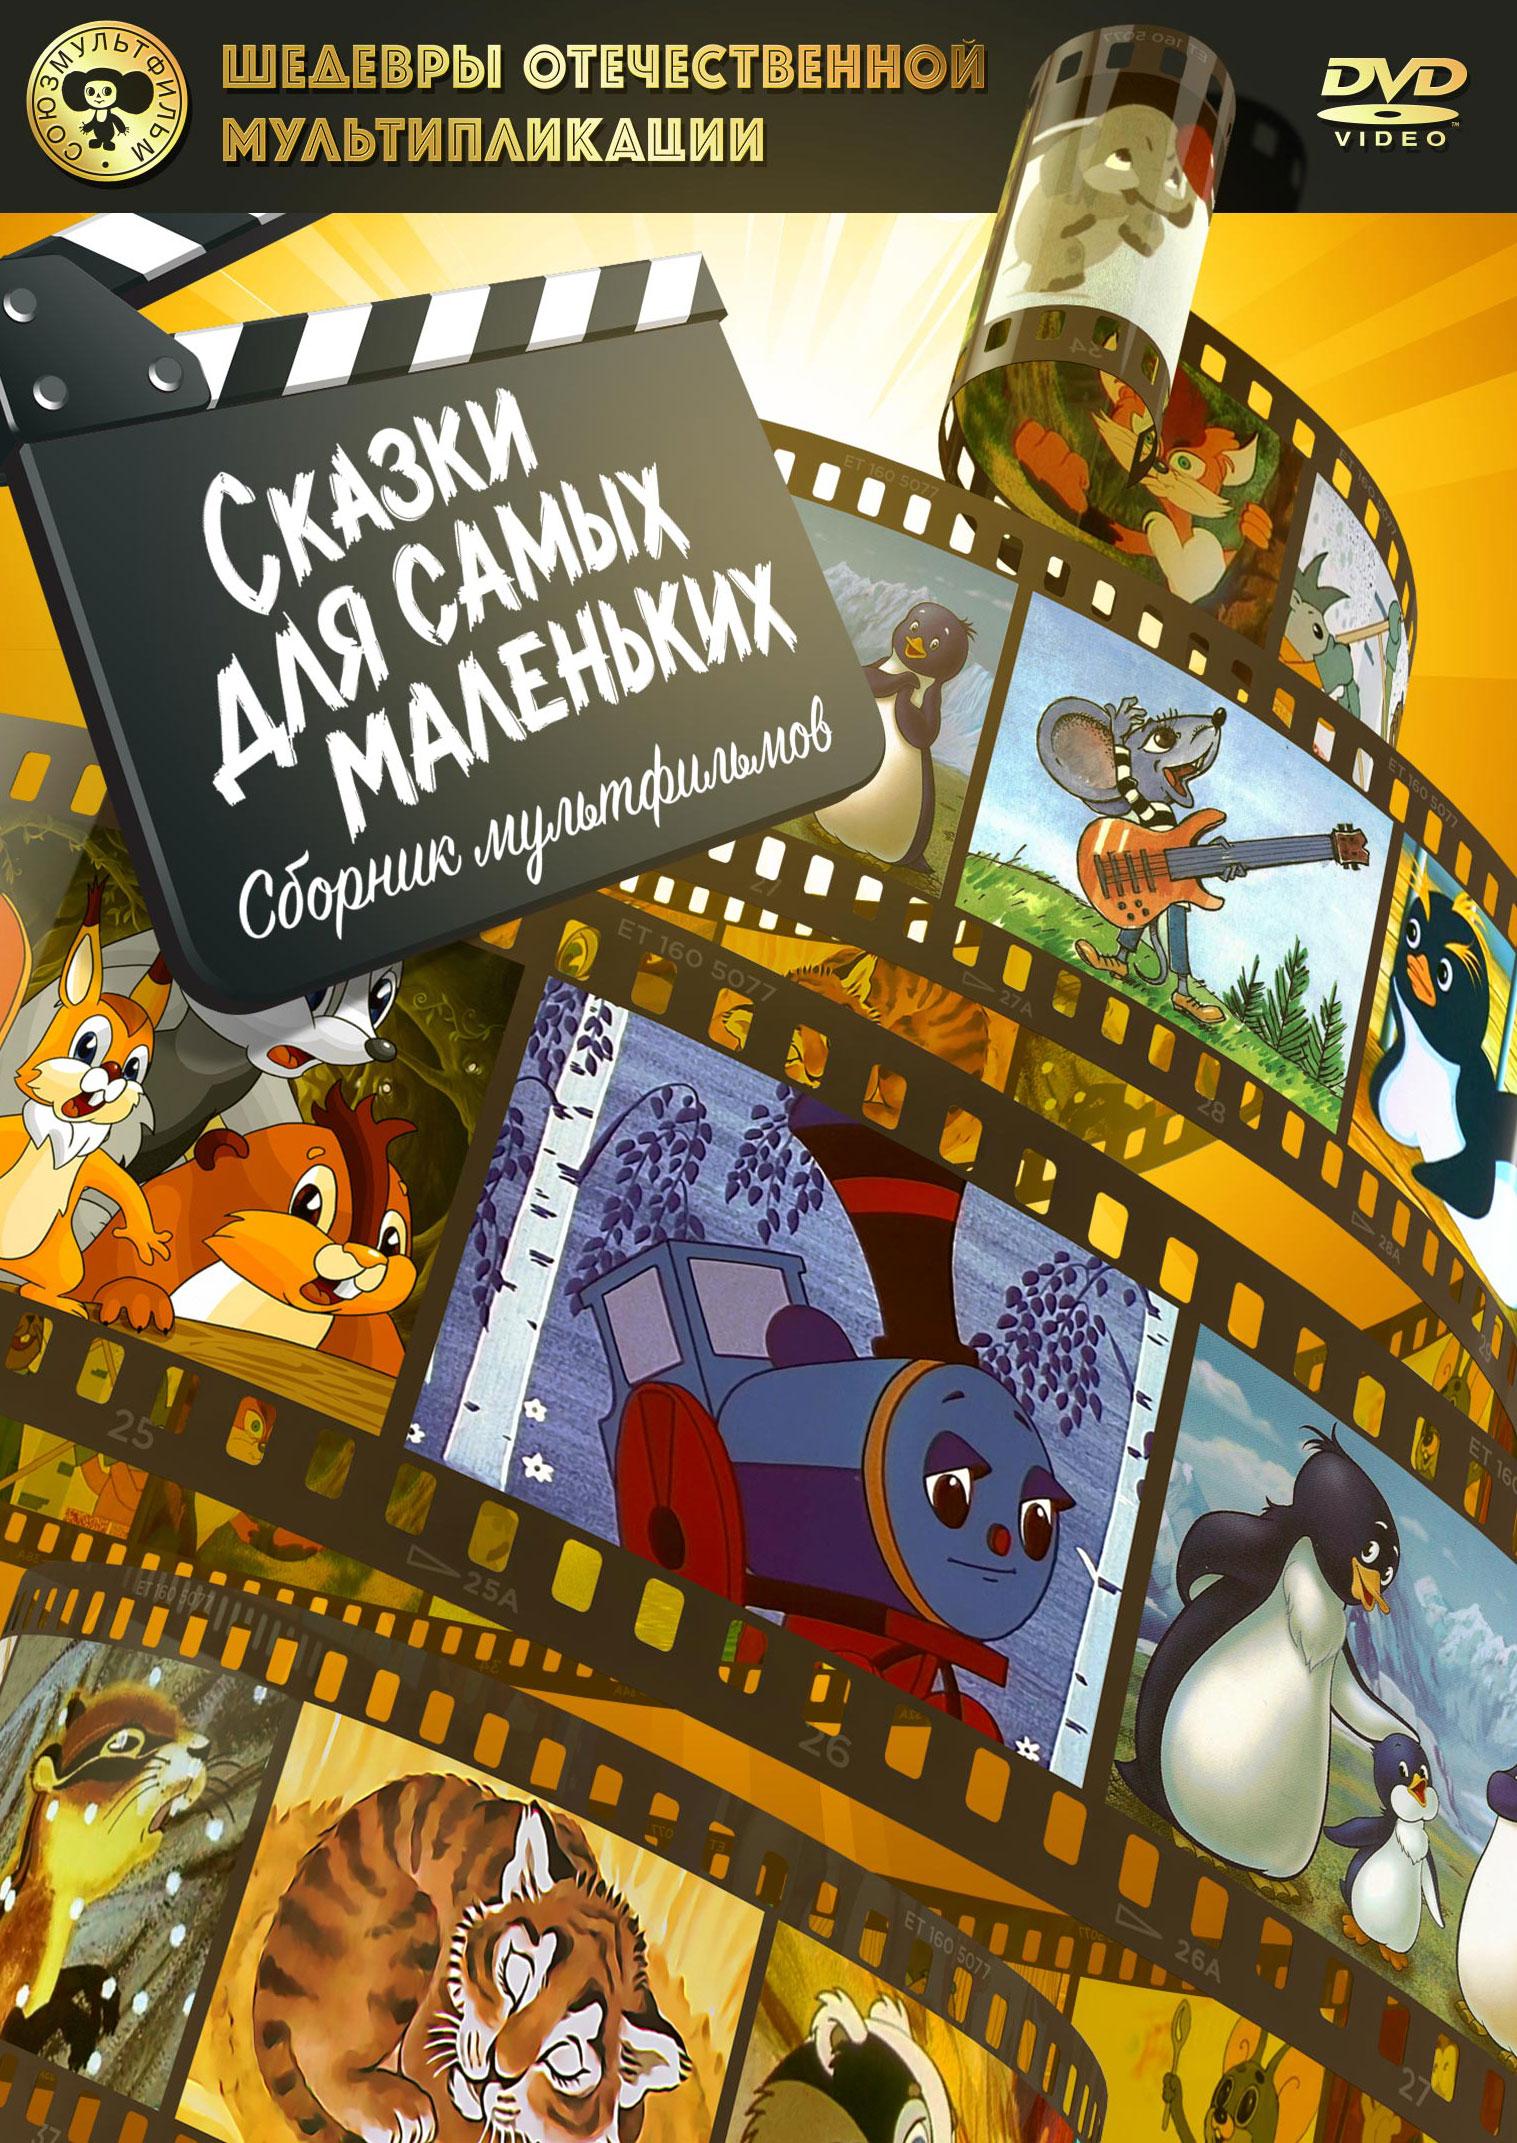 Сказки для самых маленьких: Сборник мультфильмов чиполлино заколдованный мальчик сборник мультфильмов 3 dvd полная реставрация звука и изображения